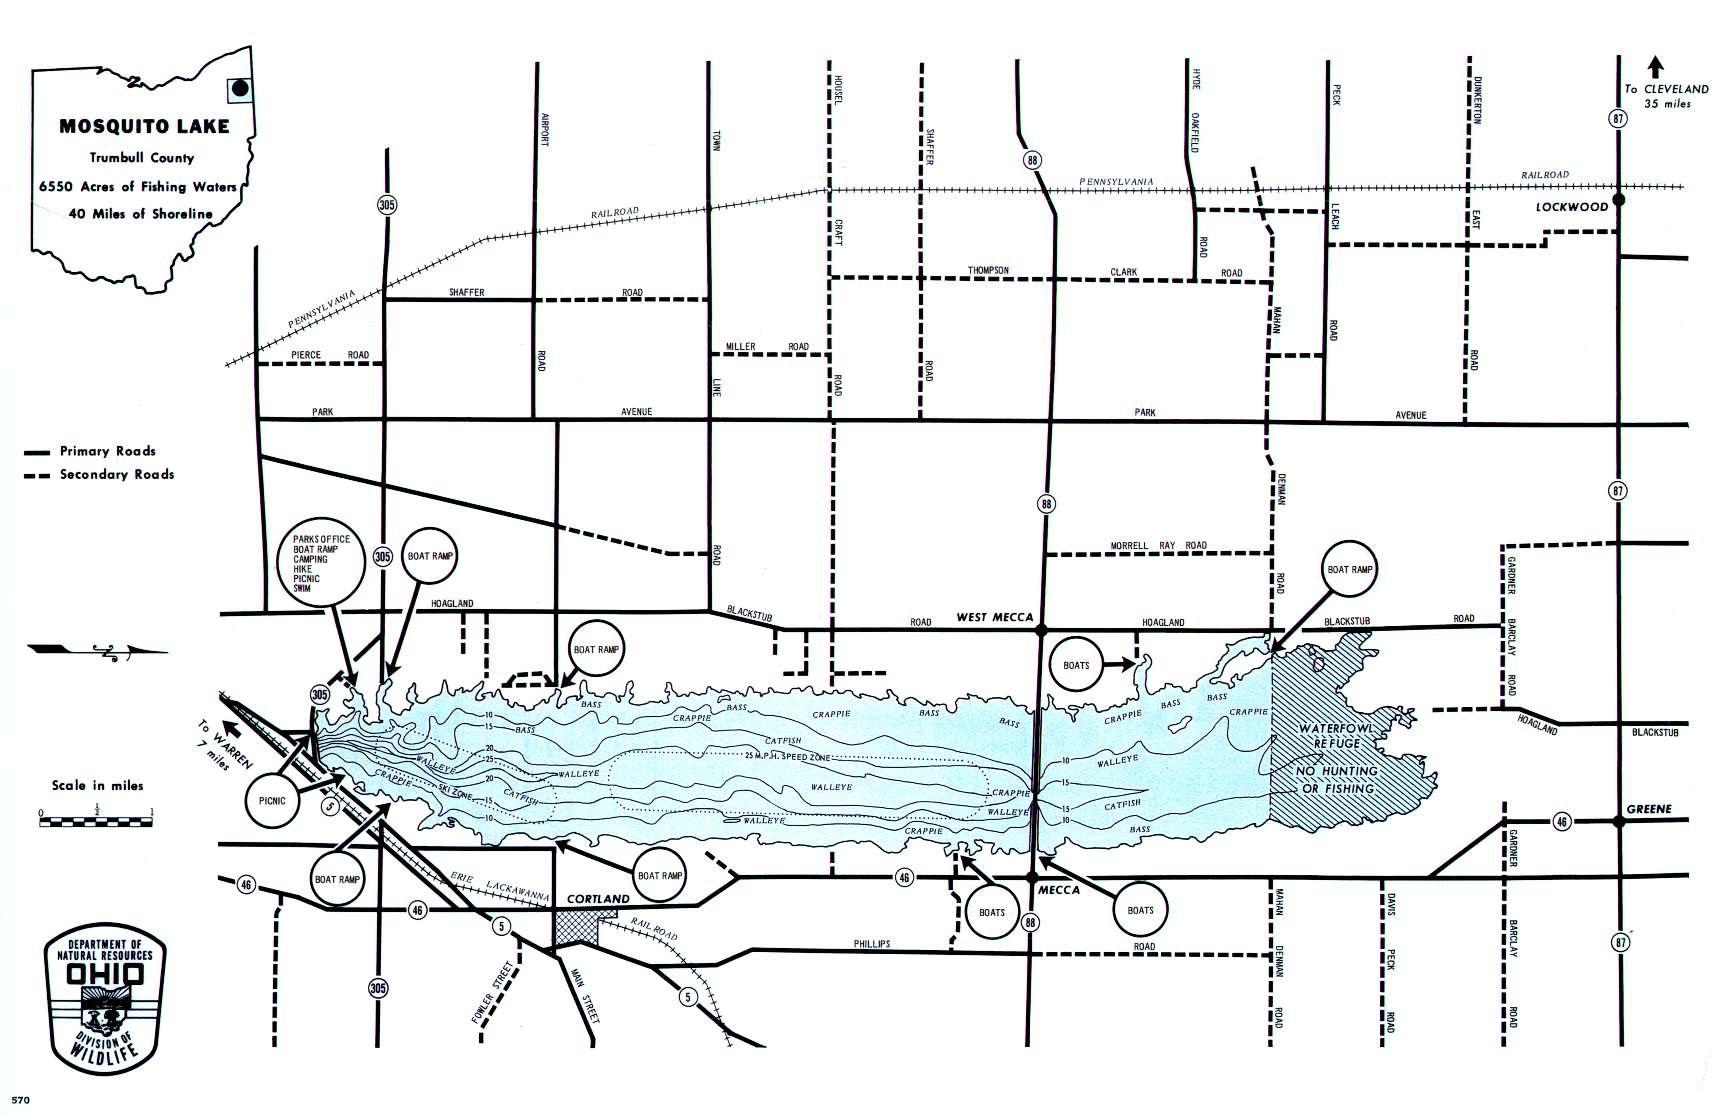 Mosquito Lake Fishing Map, OH - GoFishOhio